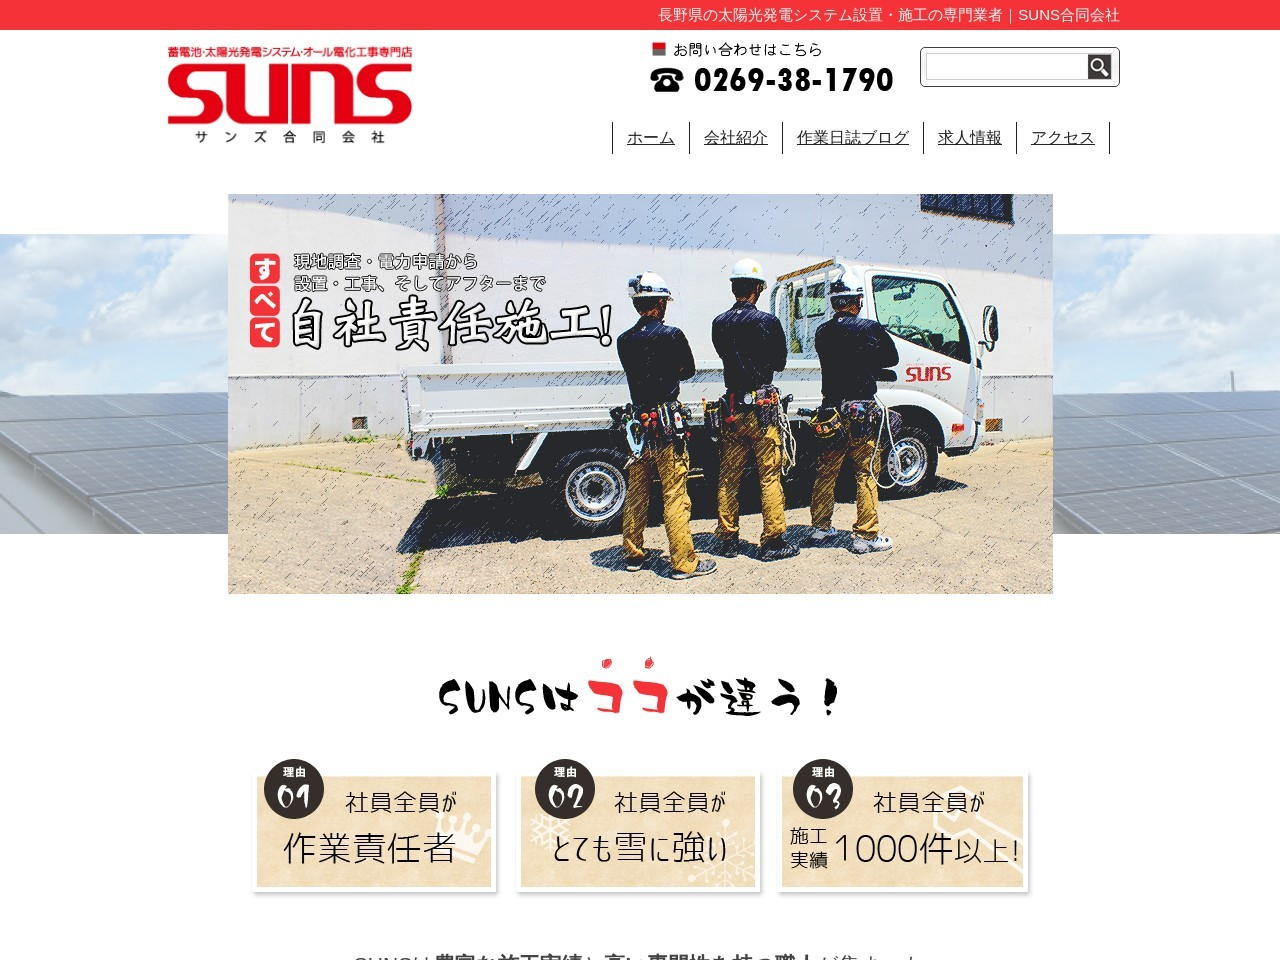 SUNS(合同会社)